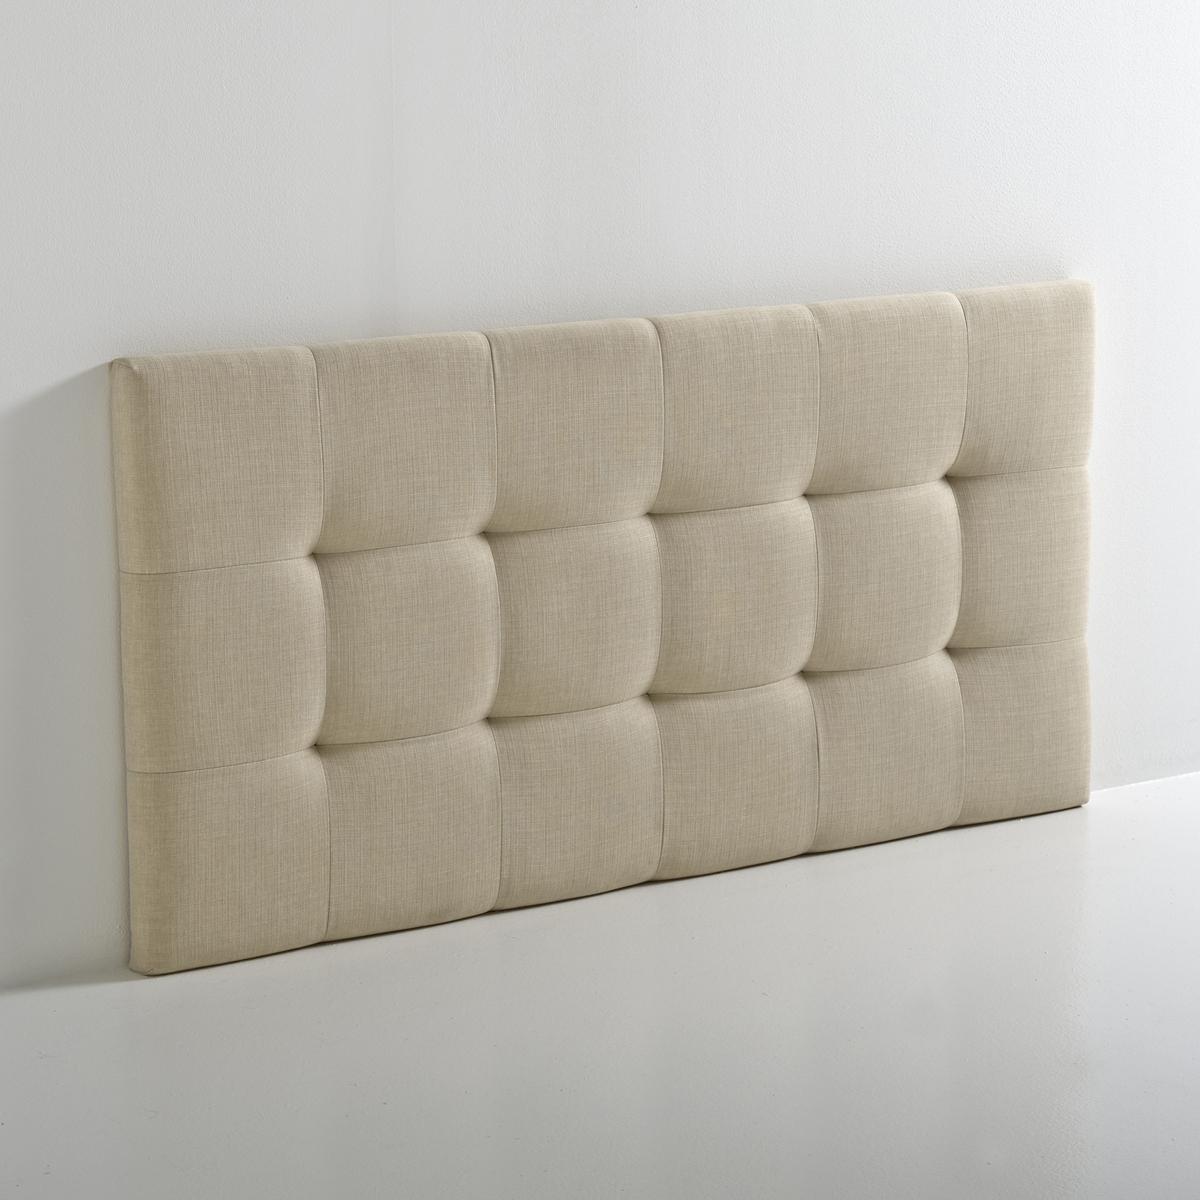 Изголовье LaRedoute Кровати с обивкой в современном стиле Numa 140 см бежевый кровати с мягкой обивкой